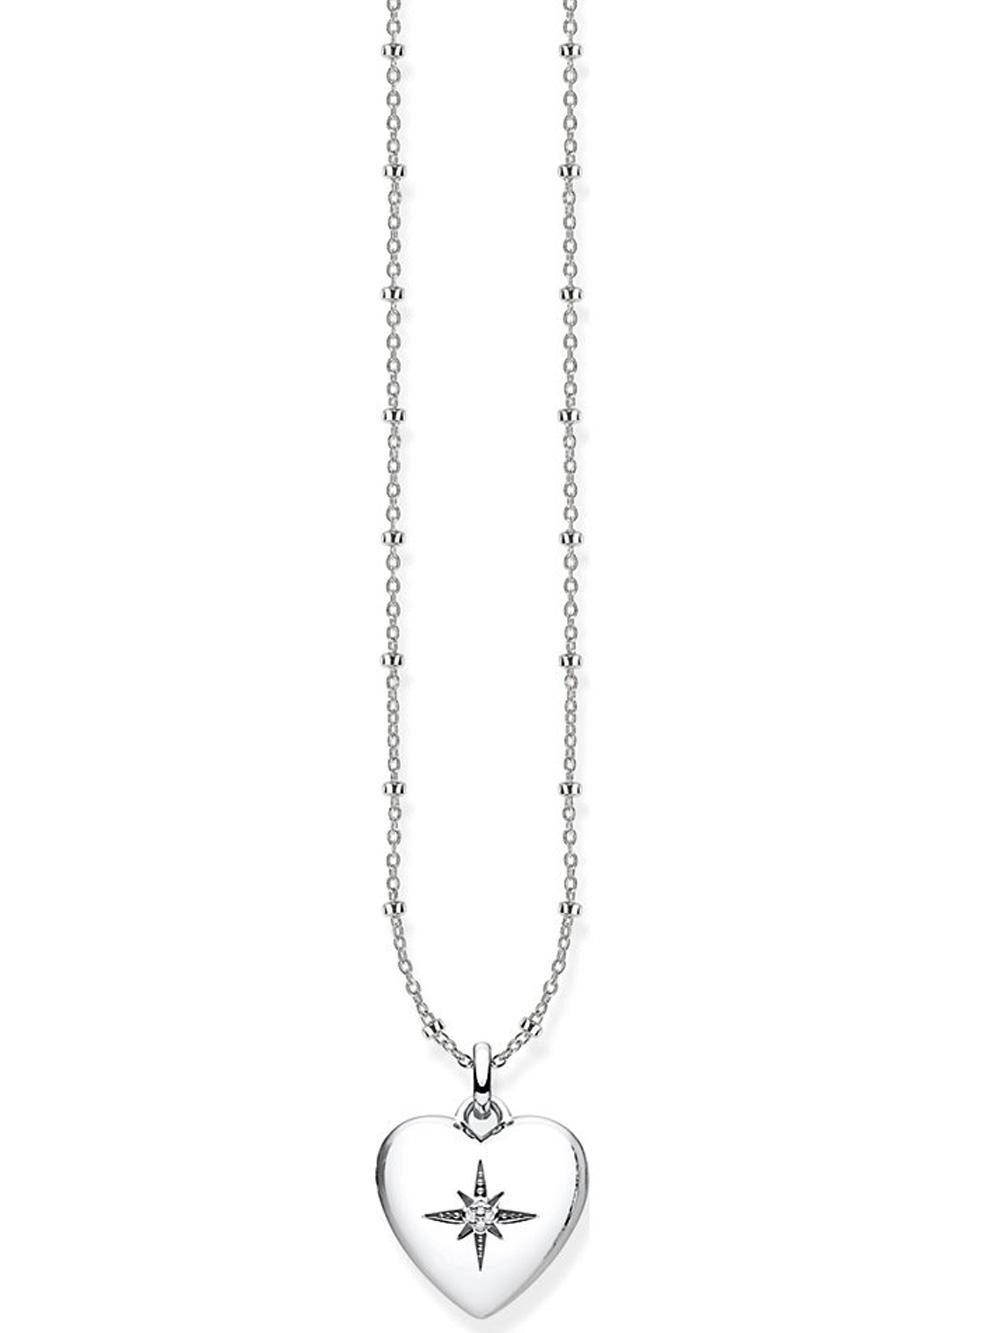 Thomas Sabo Halskette D_KE0035-356-14-L45v 40-45cm m. Anhänger Herzmedaillon